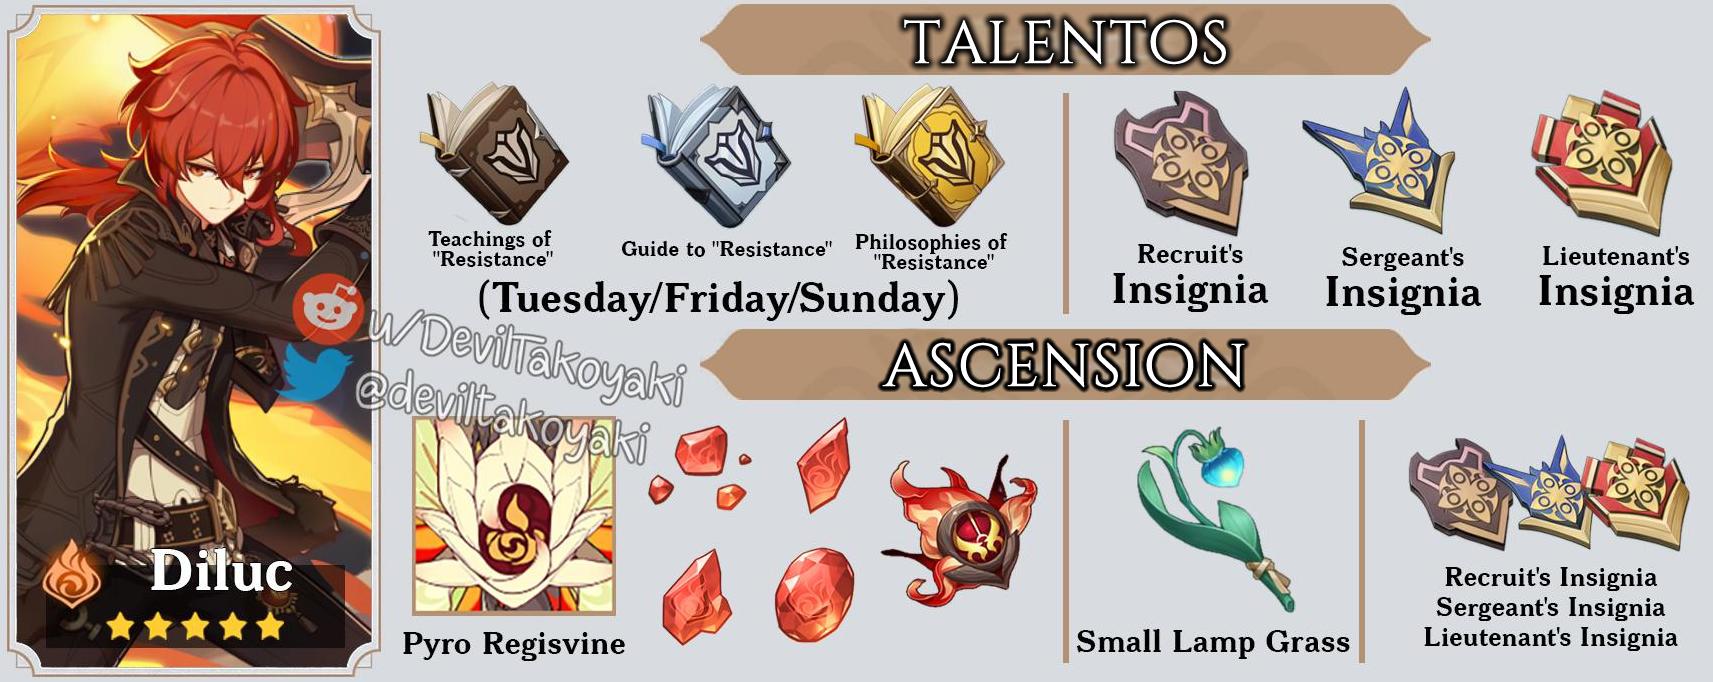 Materiales de Ascensión y Talento de Diluc